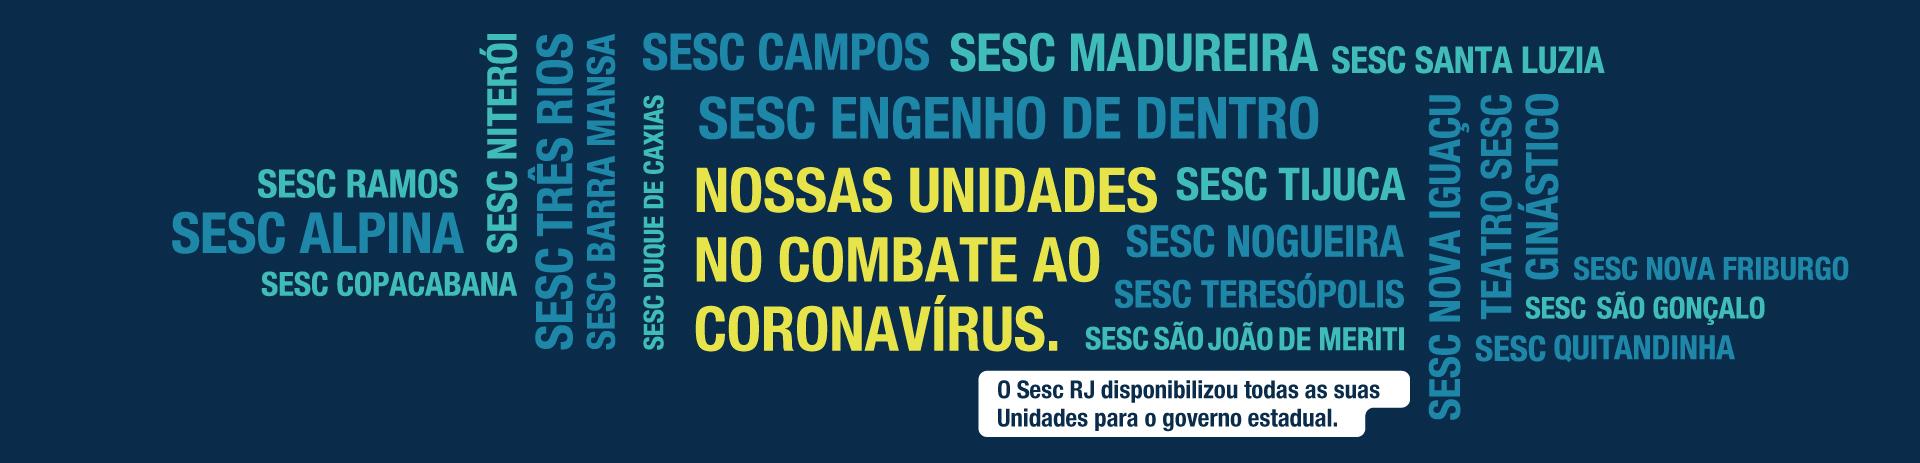 Sesc RJ cede suas unidades ao Governo do Estado para o combate ao novo coronavírus